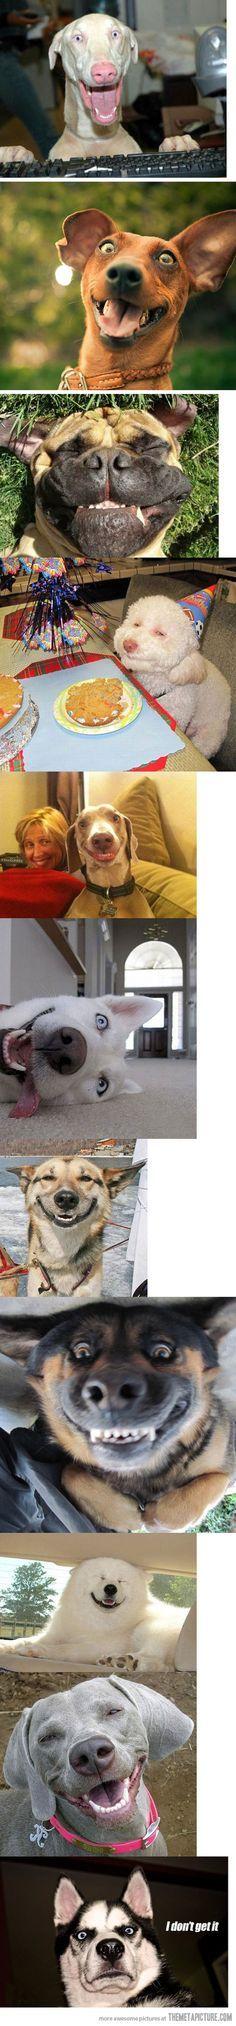 Hahahaha! omg. I love doggies.